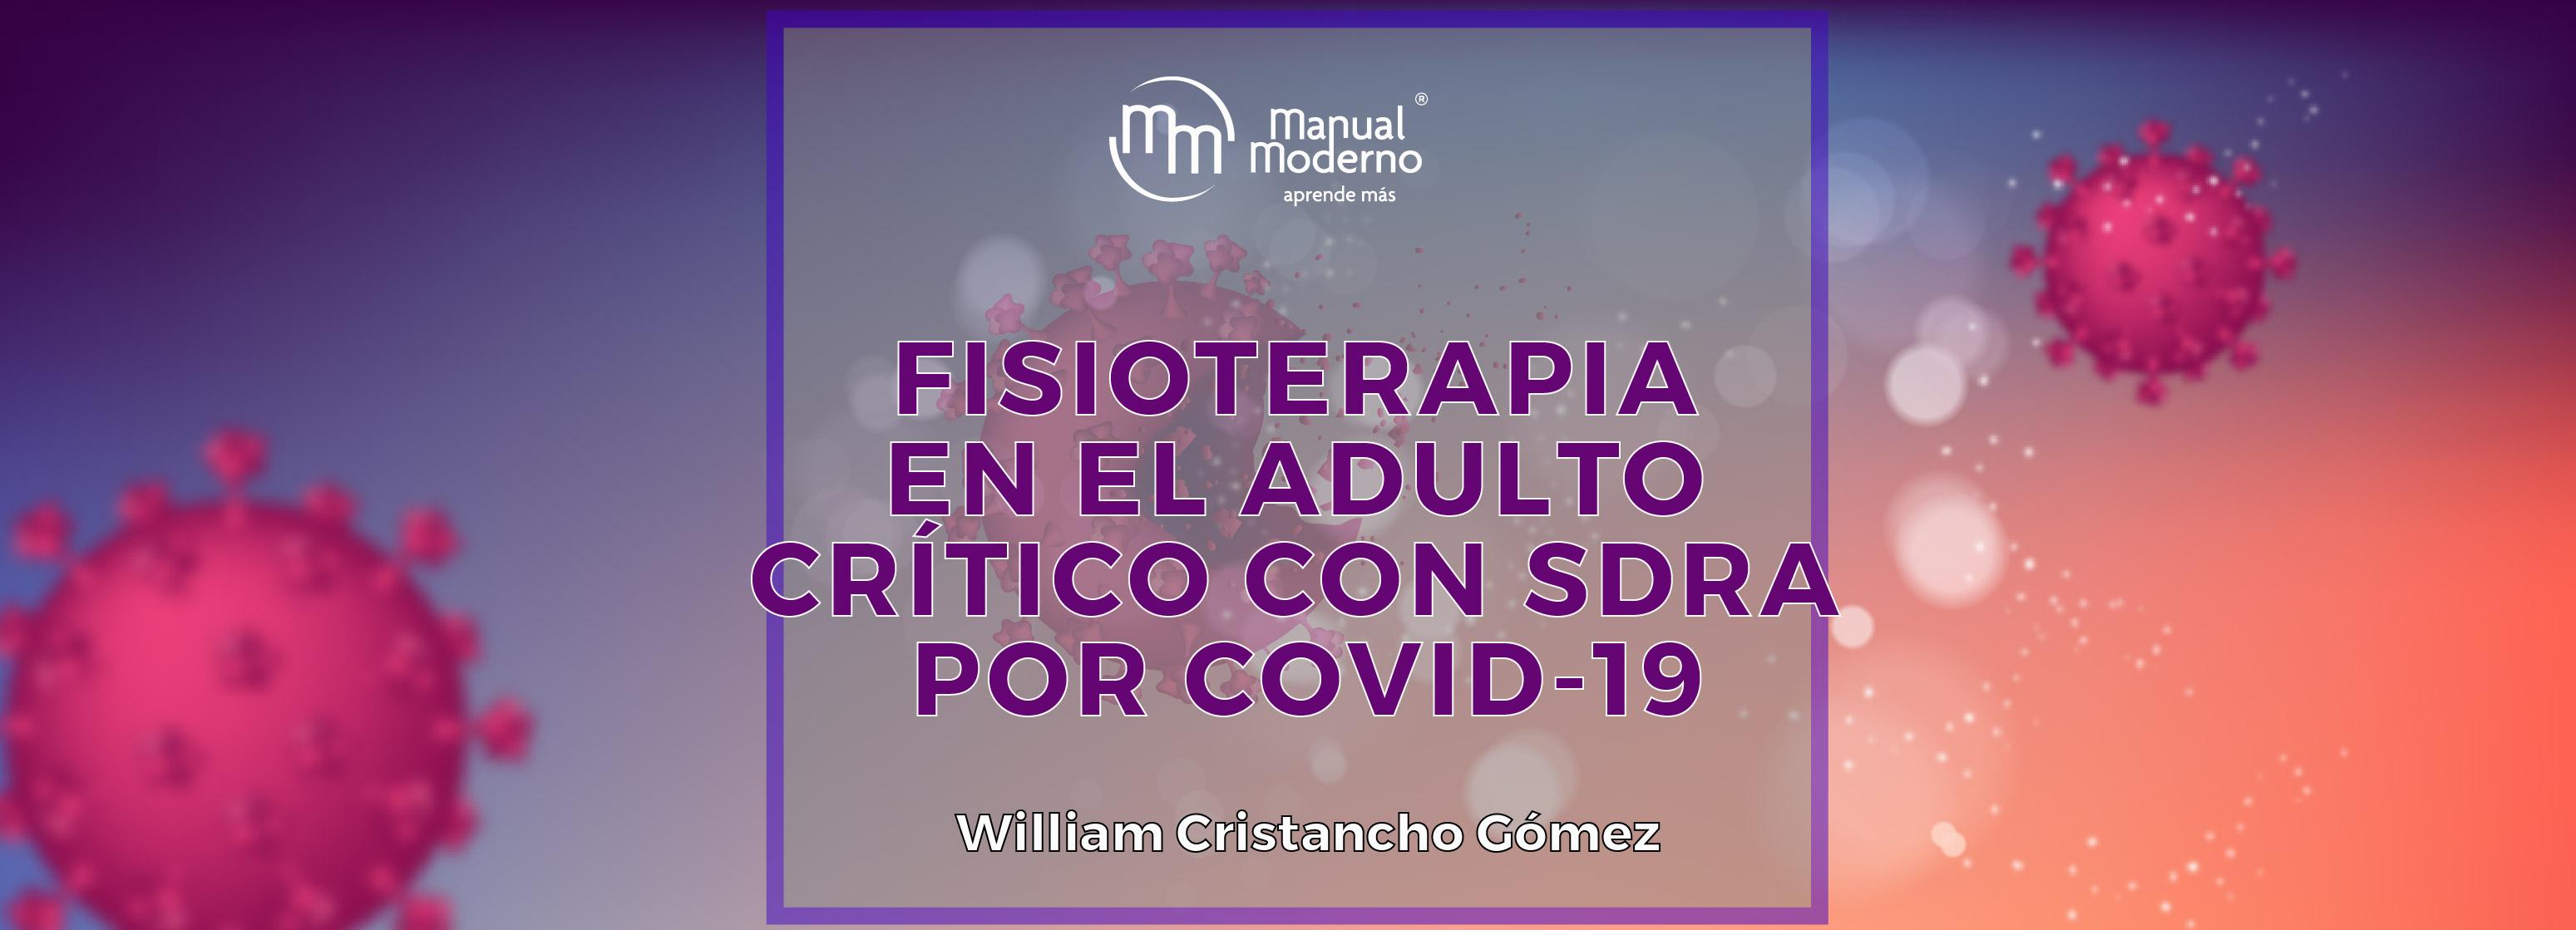 FISIOTERAPIA EN EL ADULTO CRÍTICO CON SDRA POR COVID-19FISIOTERAPIA EN EL ADULTO CRÍTICO CON SDRA POR COVID-19